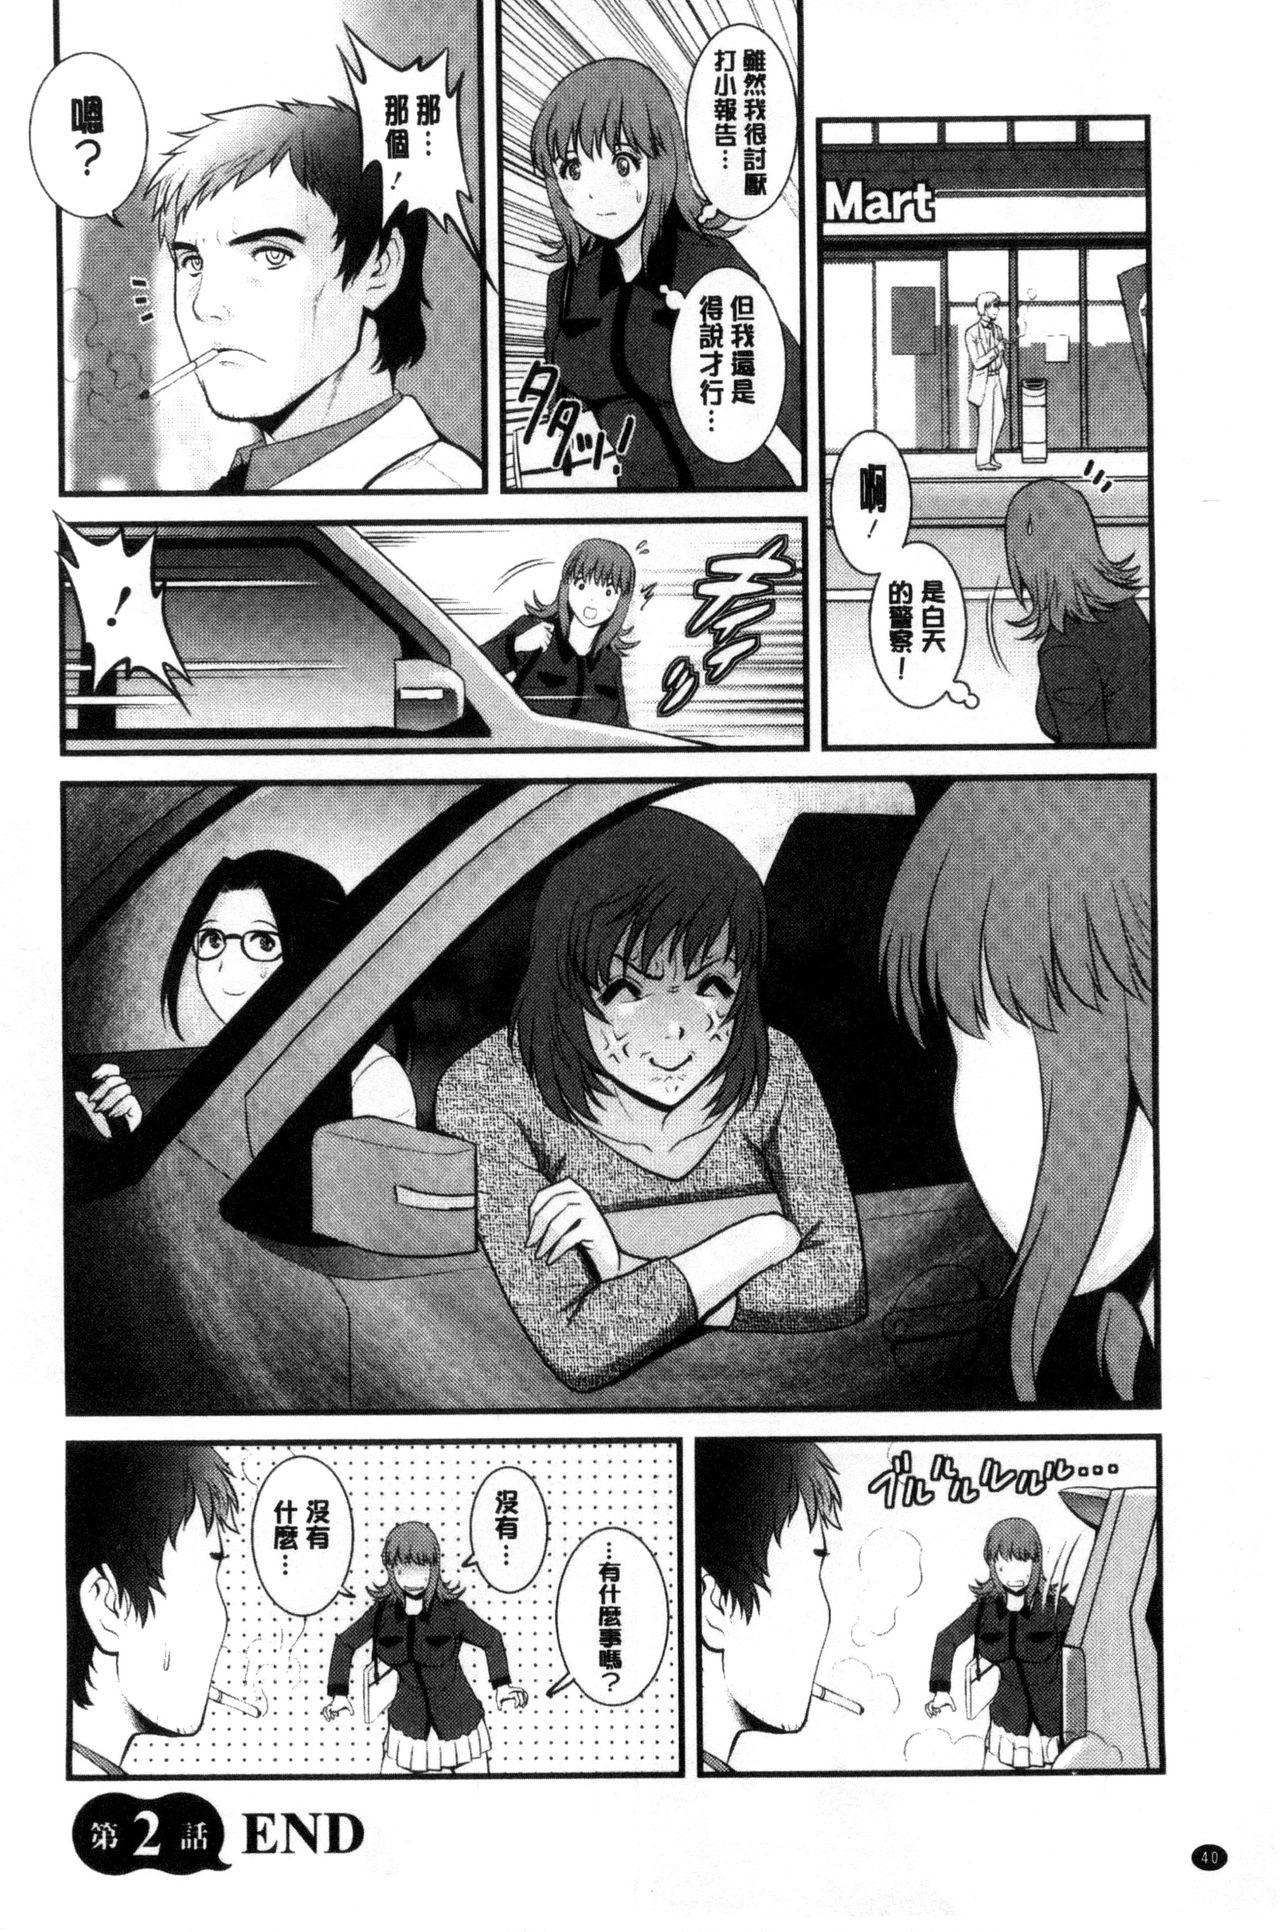 [Saigado] Part Time Manaka-san Wakazuma Enjokousai-ki | 兼職打工的愛花小姐 [Chinese] 40